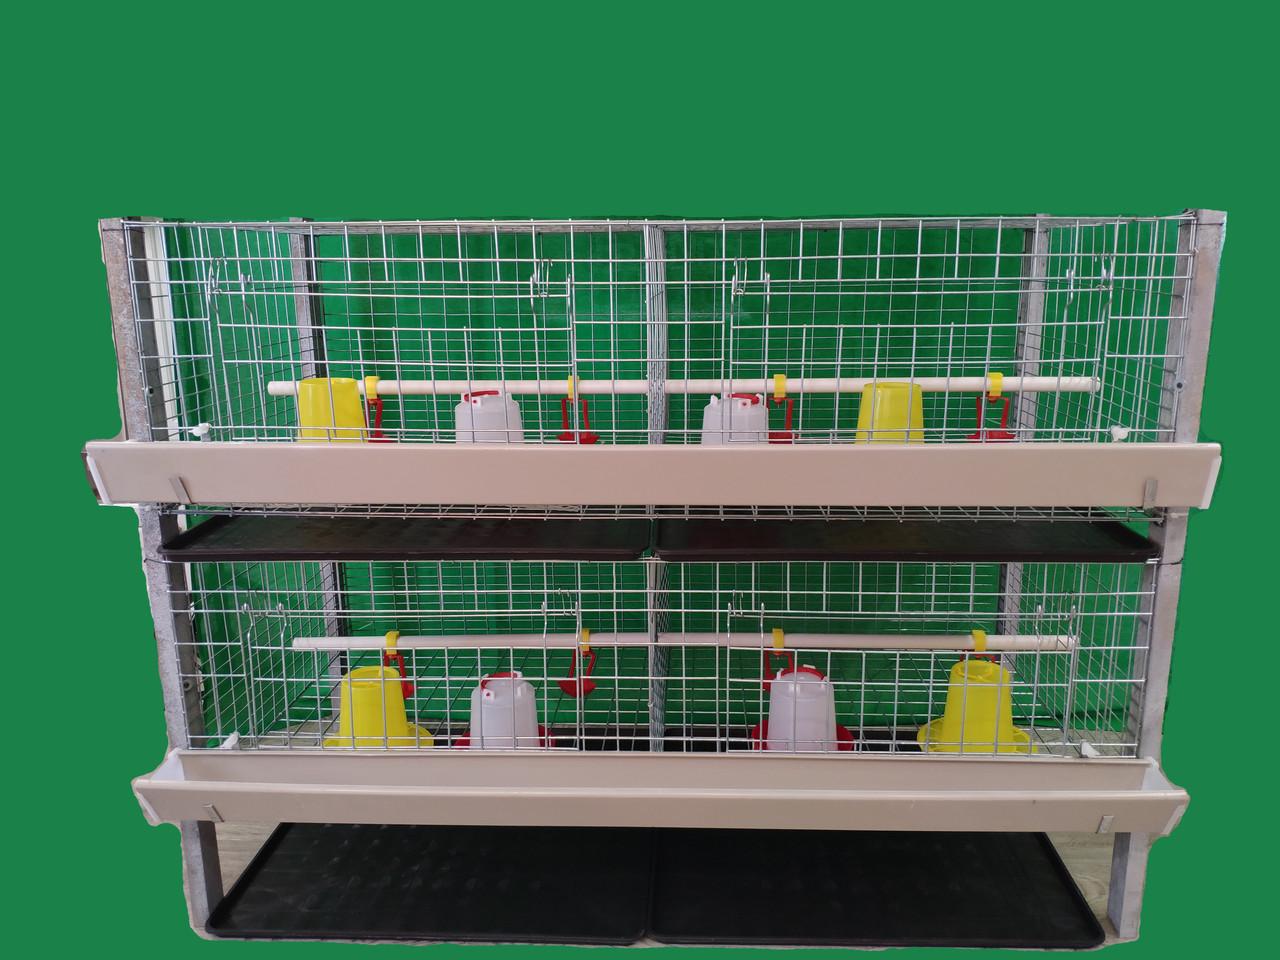 Клітка для утримання бройлерів двоповерхова. ВІДЕО